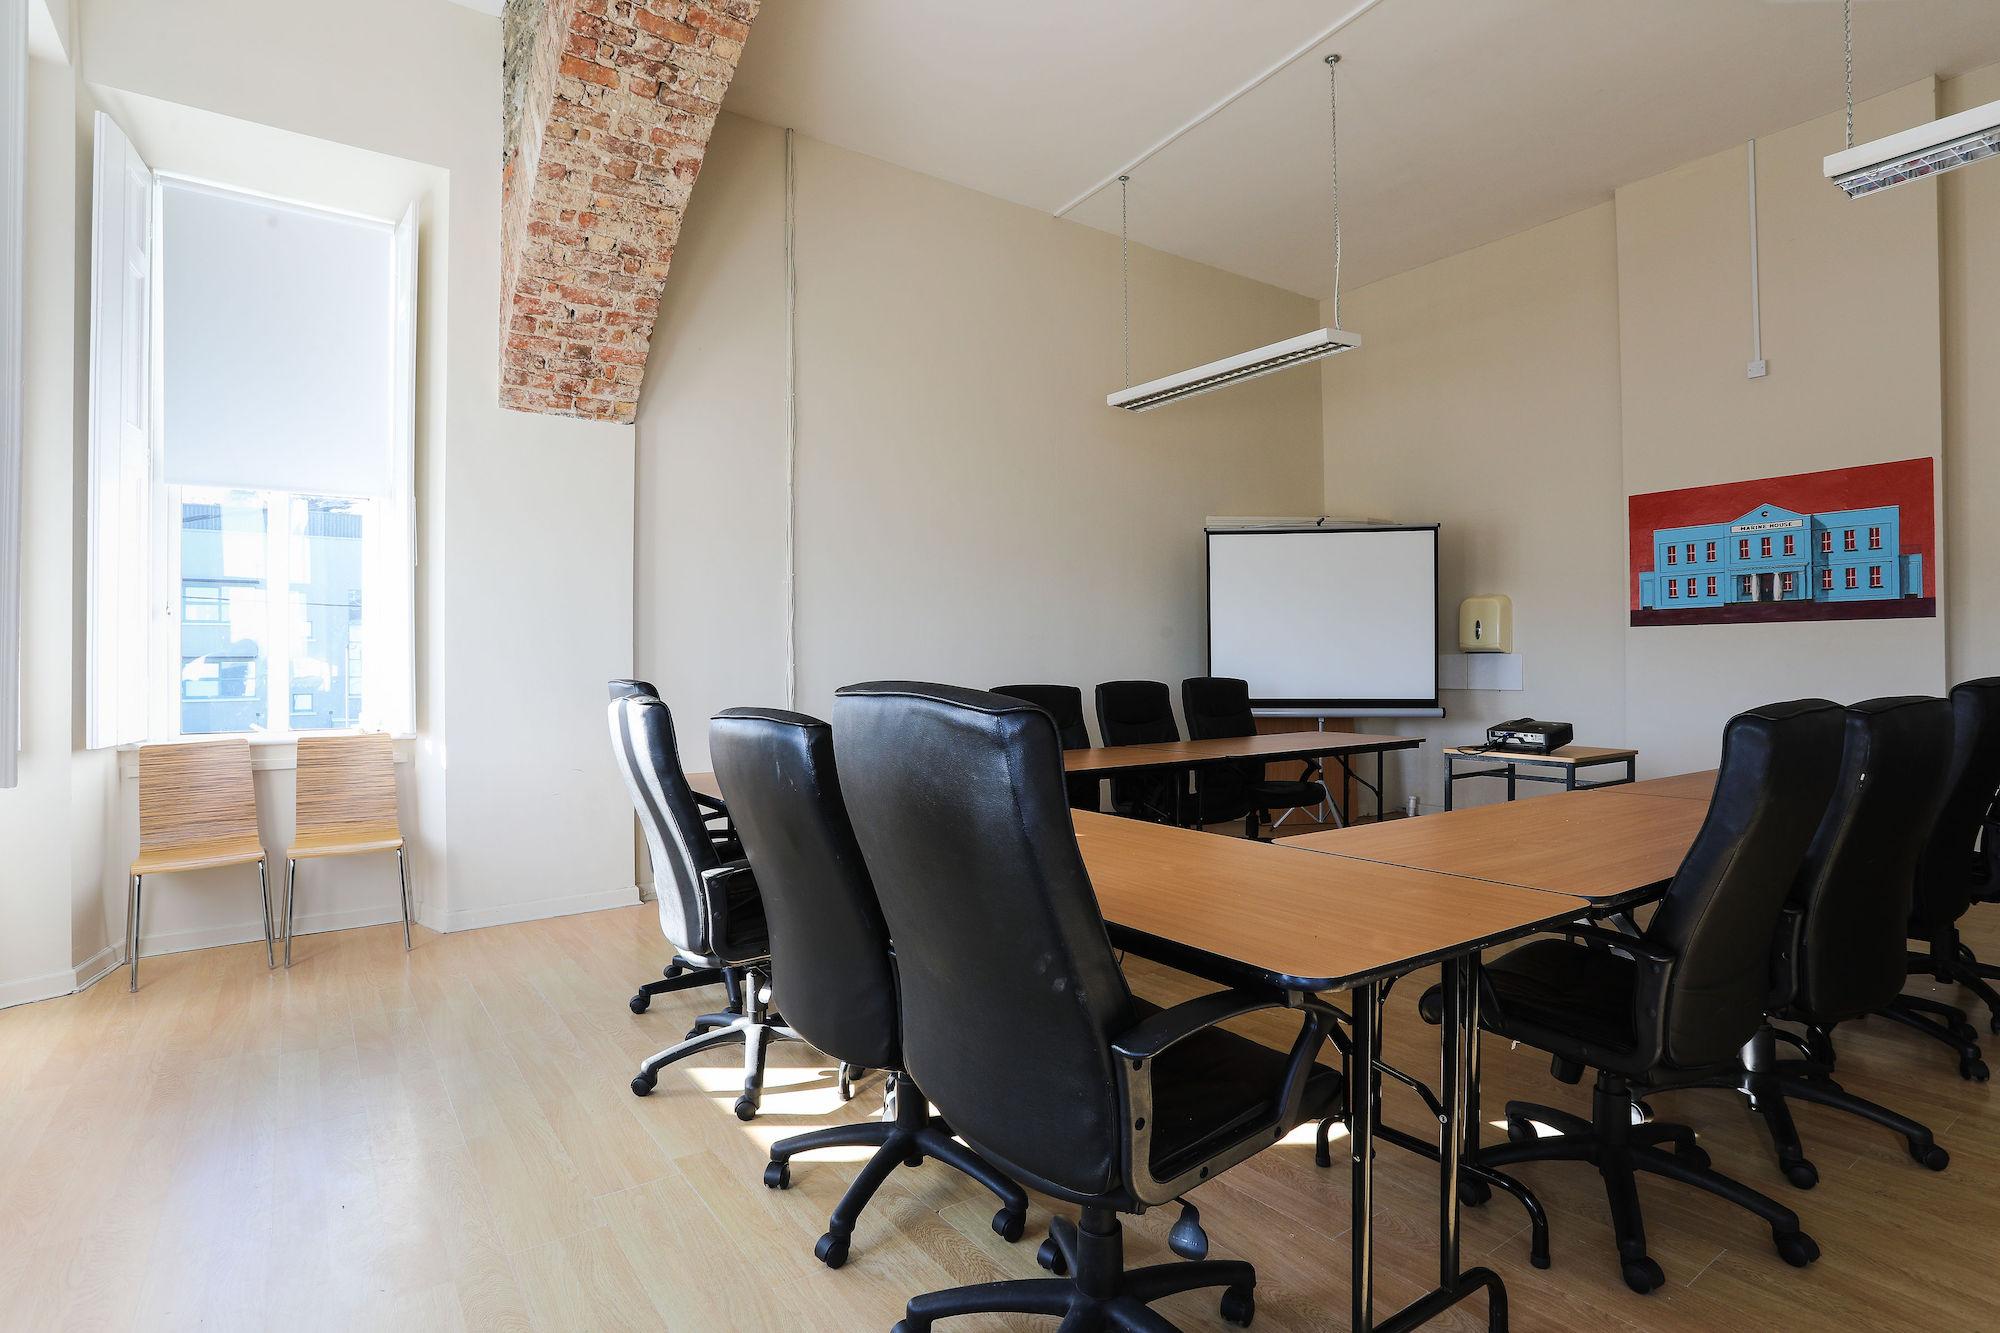 Spacious classroom Facilities -